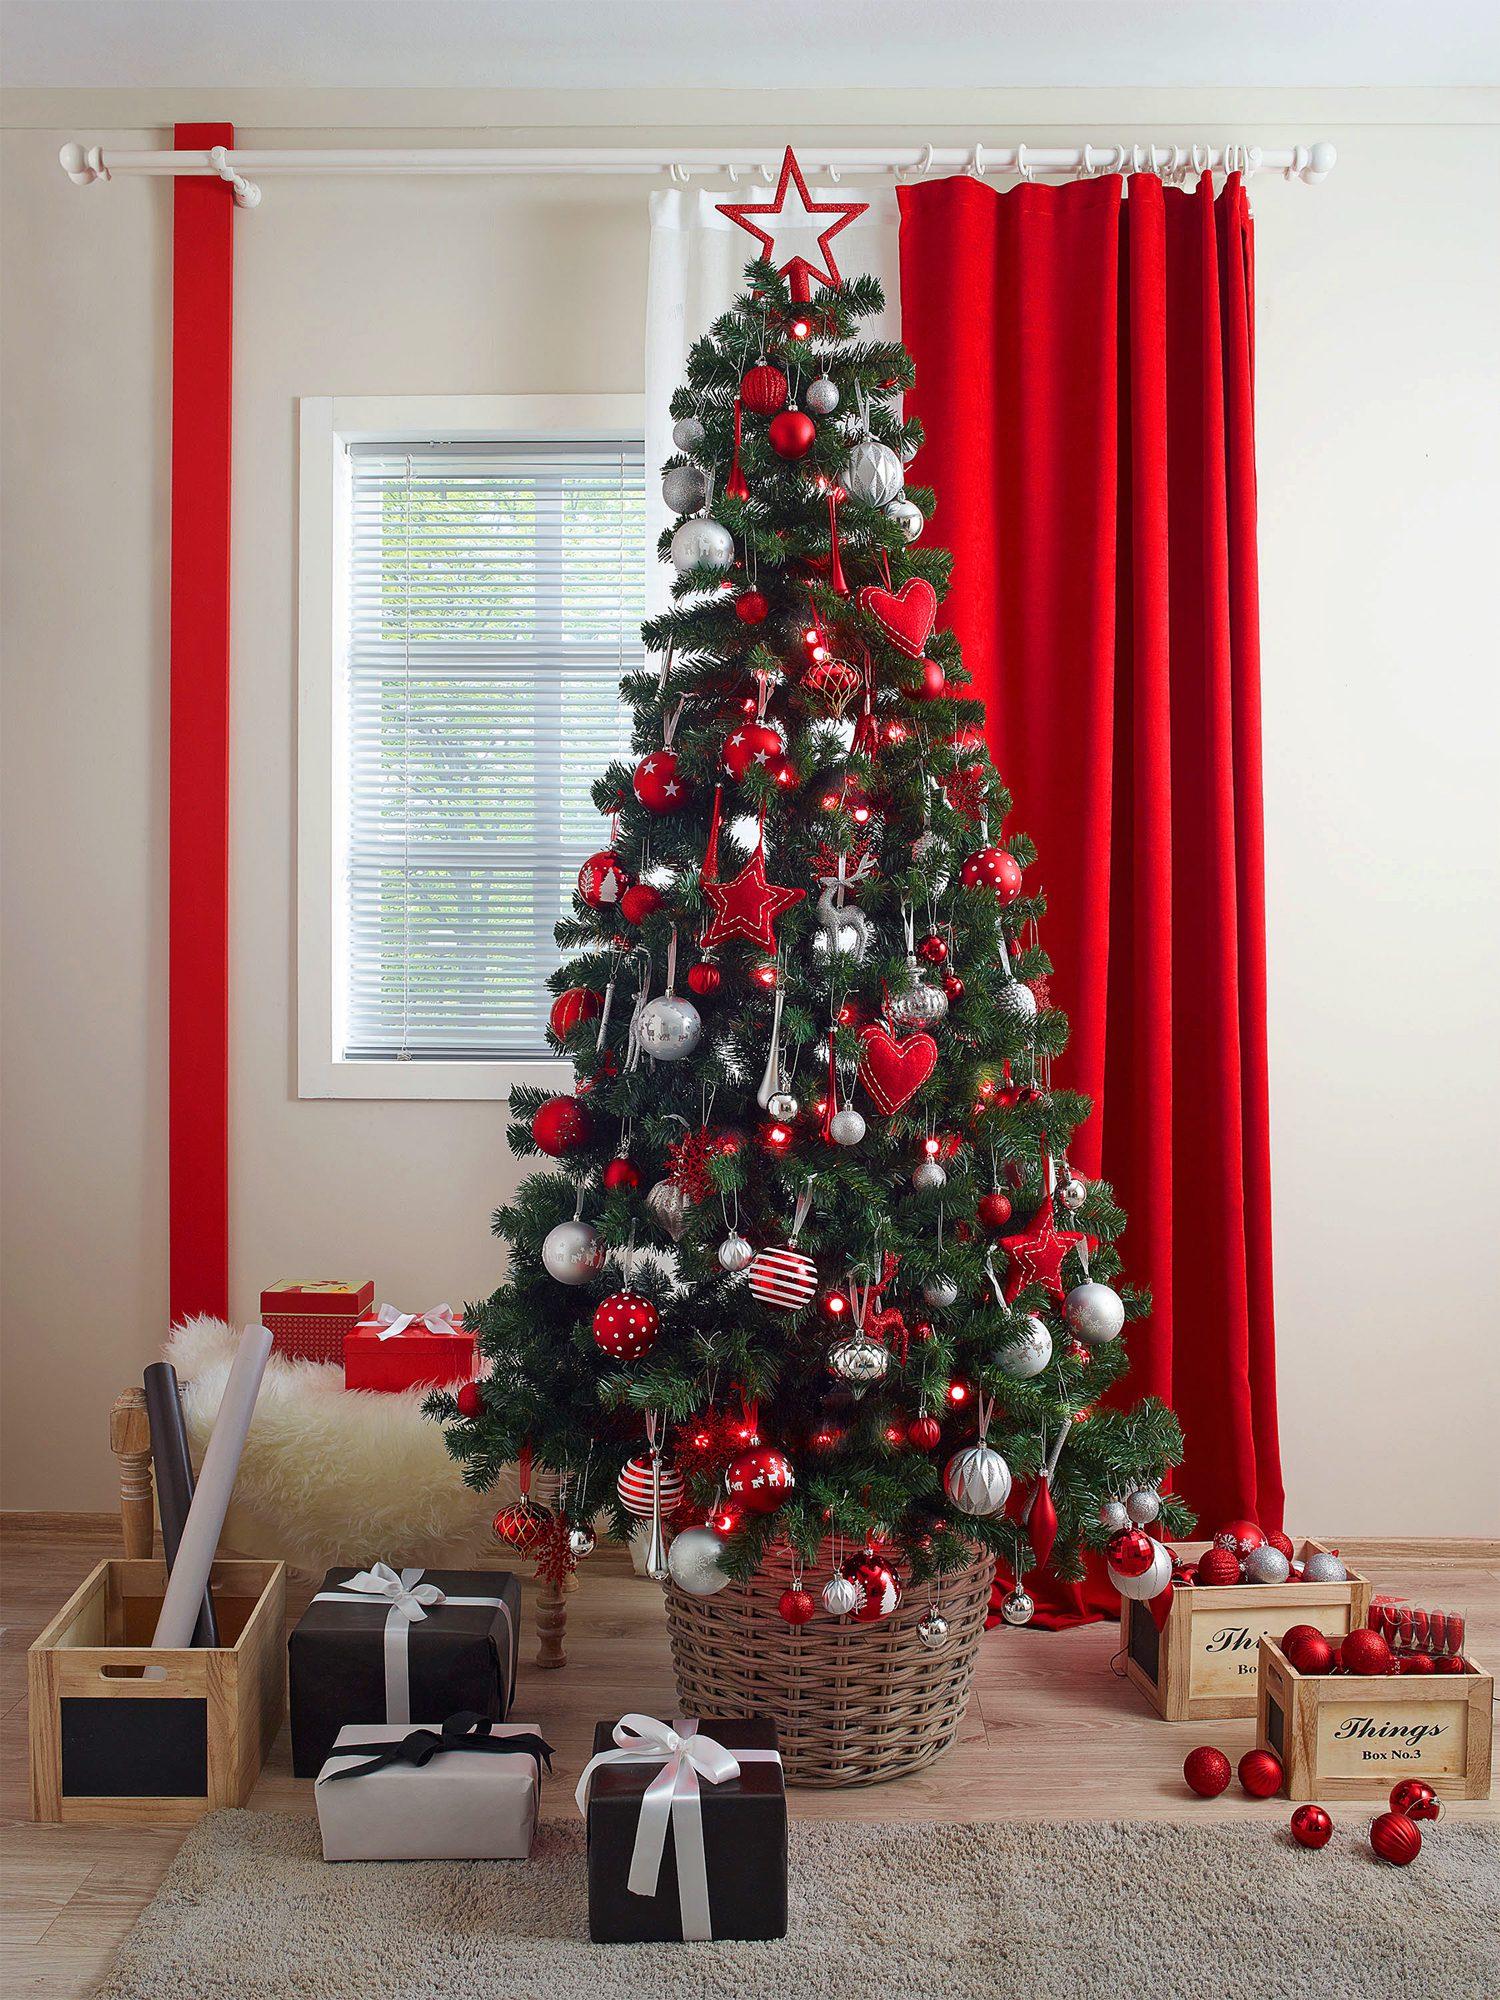 Kırmızı arka plana sahip süslenmiş yılbaşı ağacı